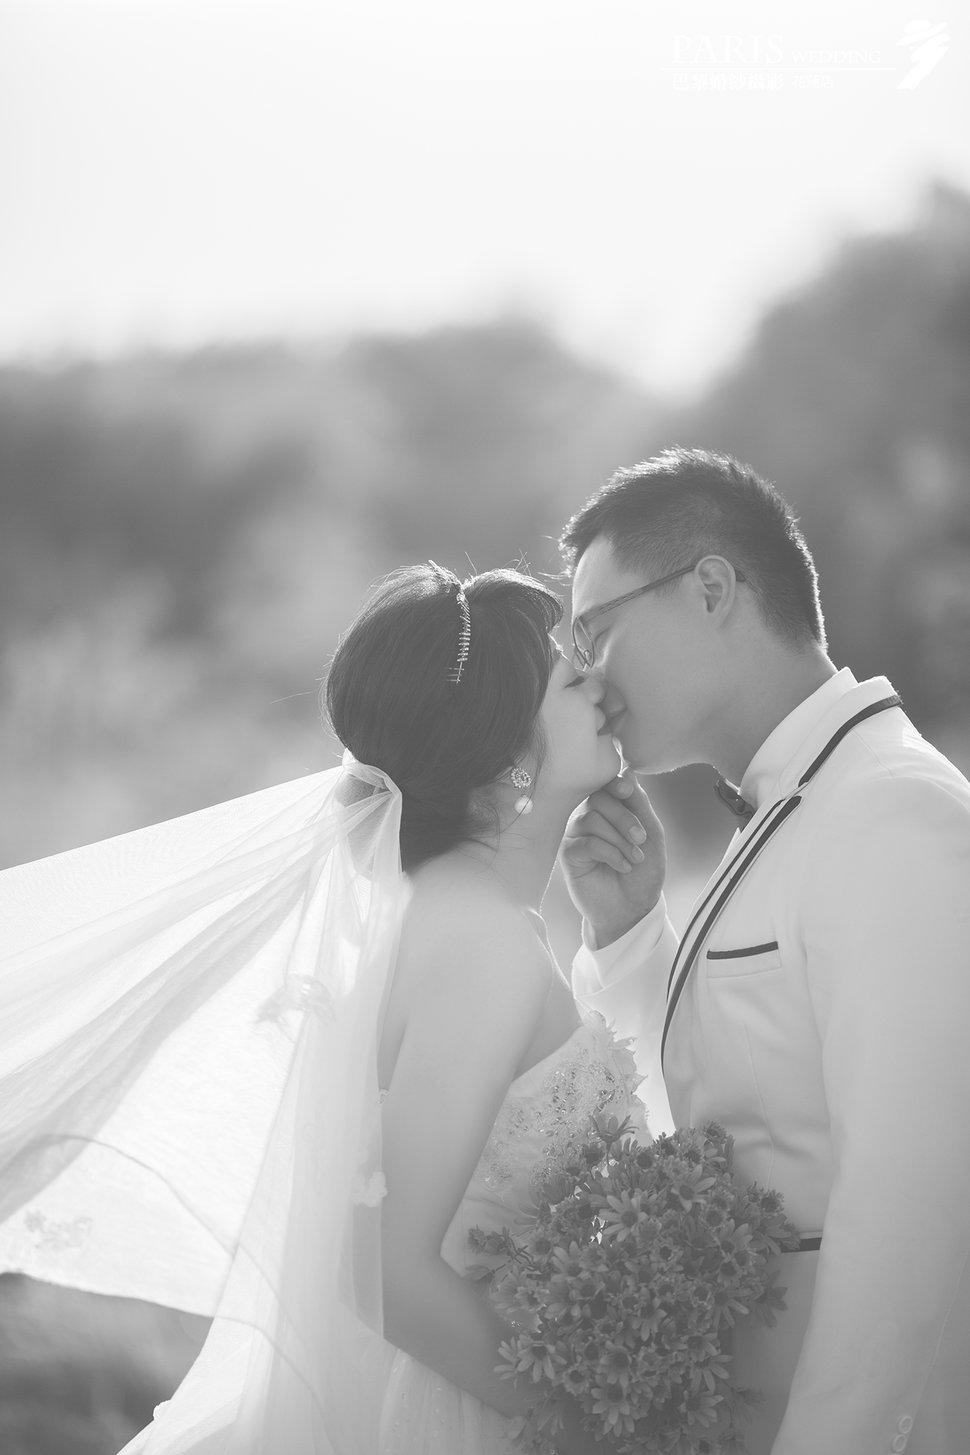 jacky-0185 拷貝 - 花蓮巴黎婚紗攝影《結婚吧》